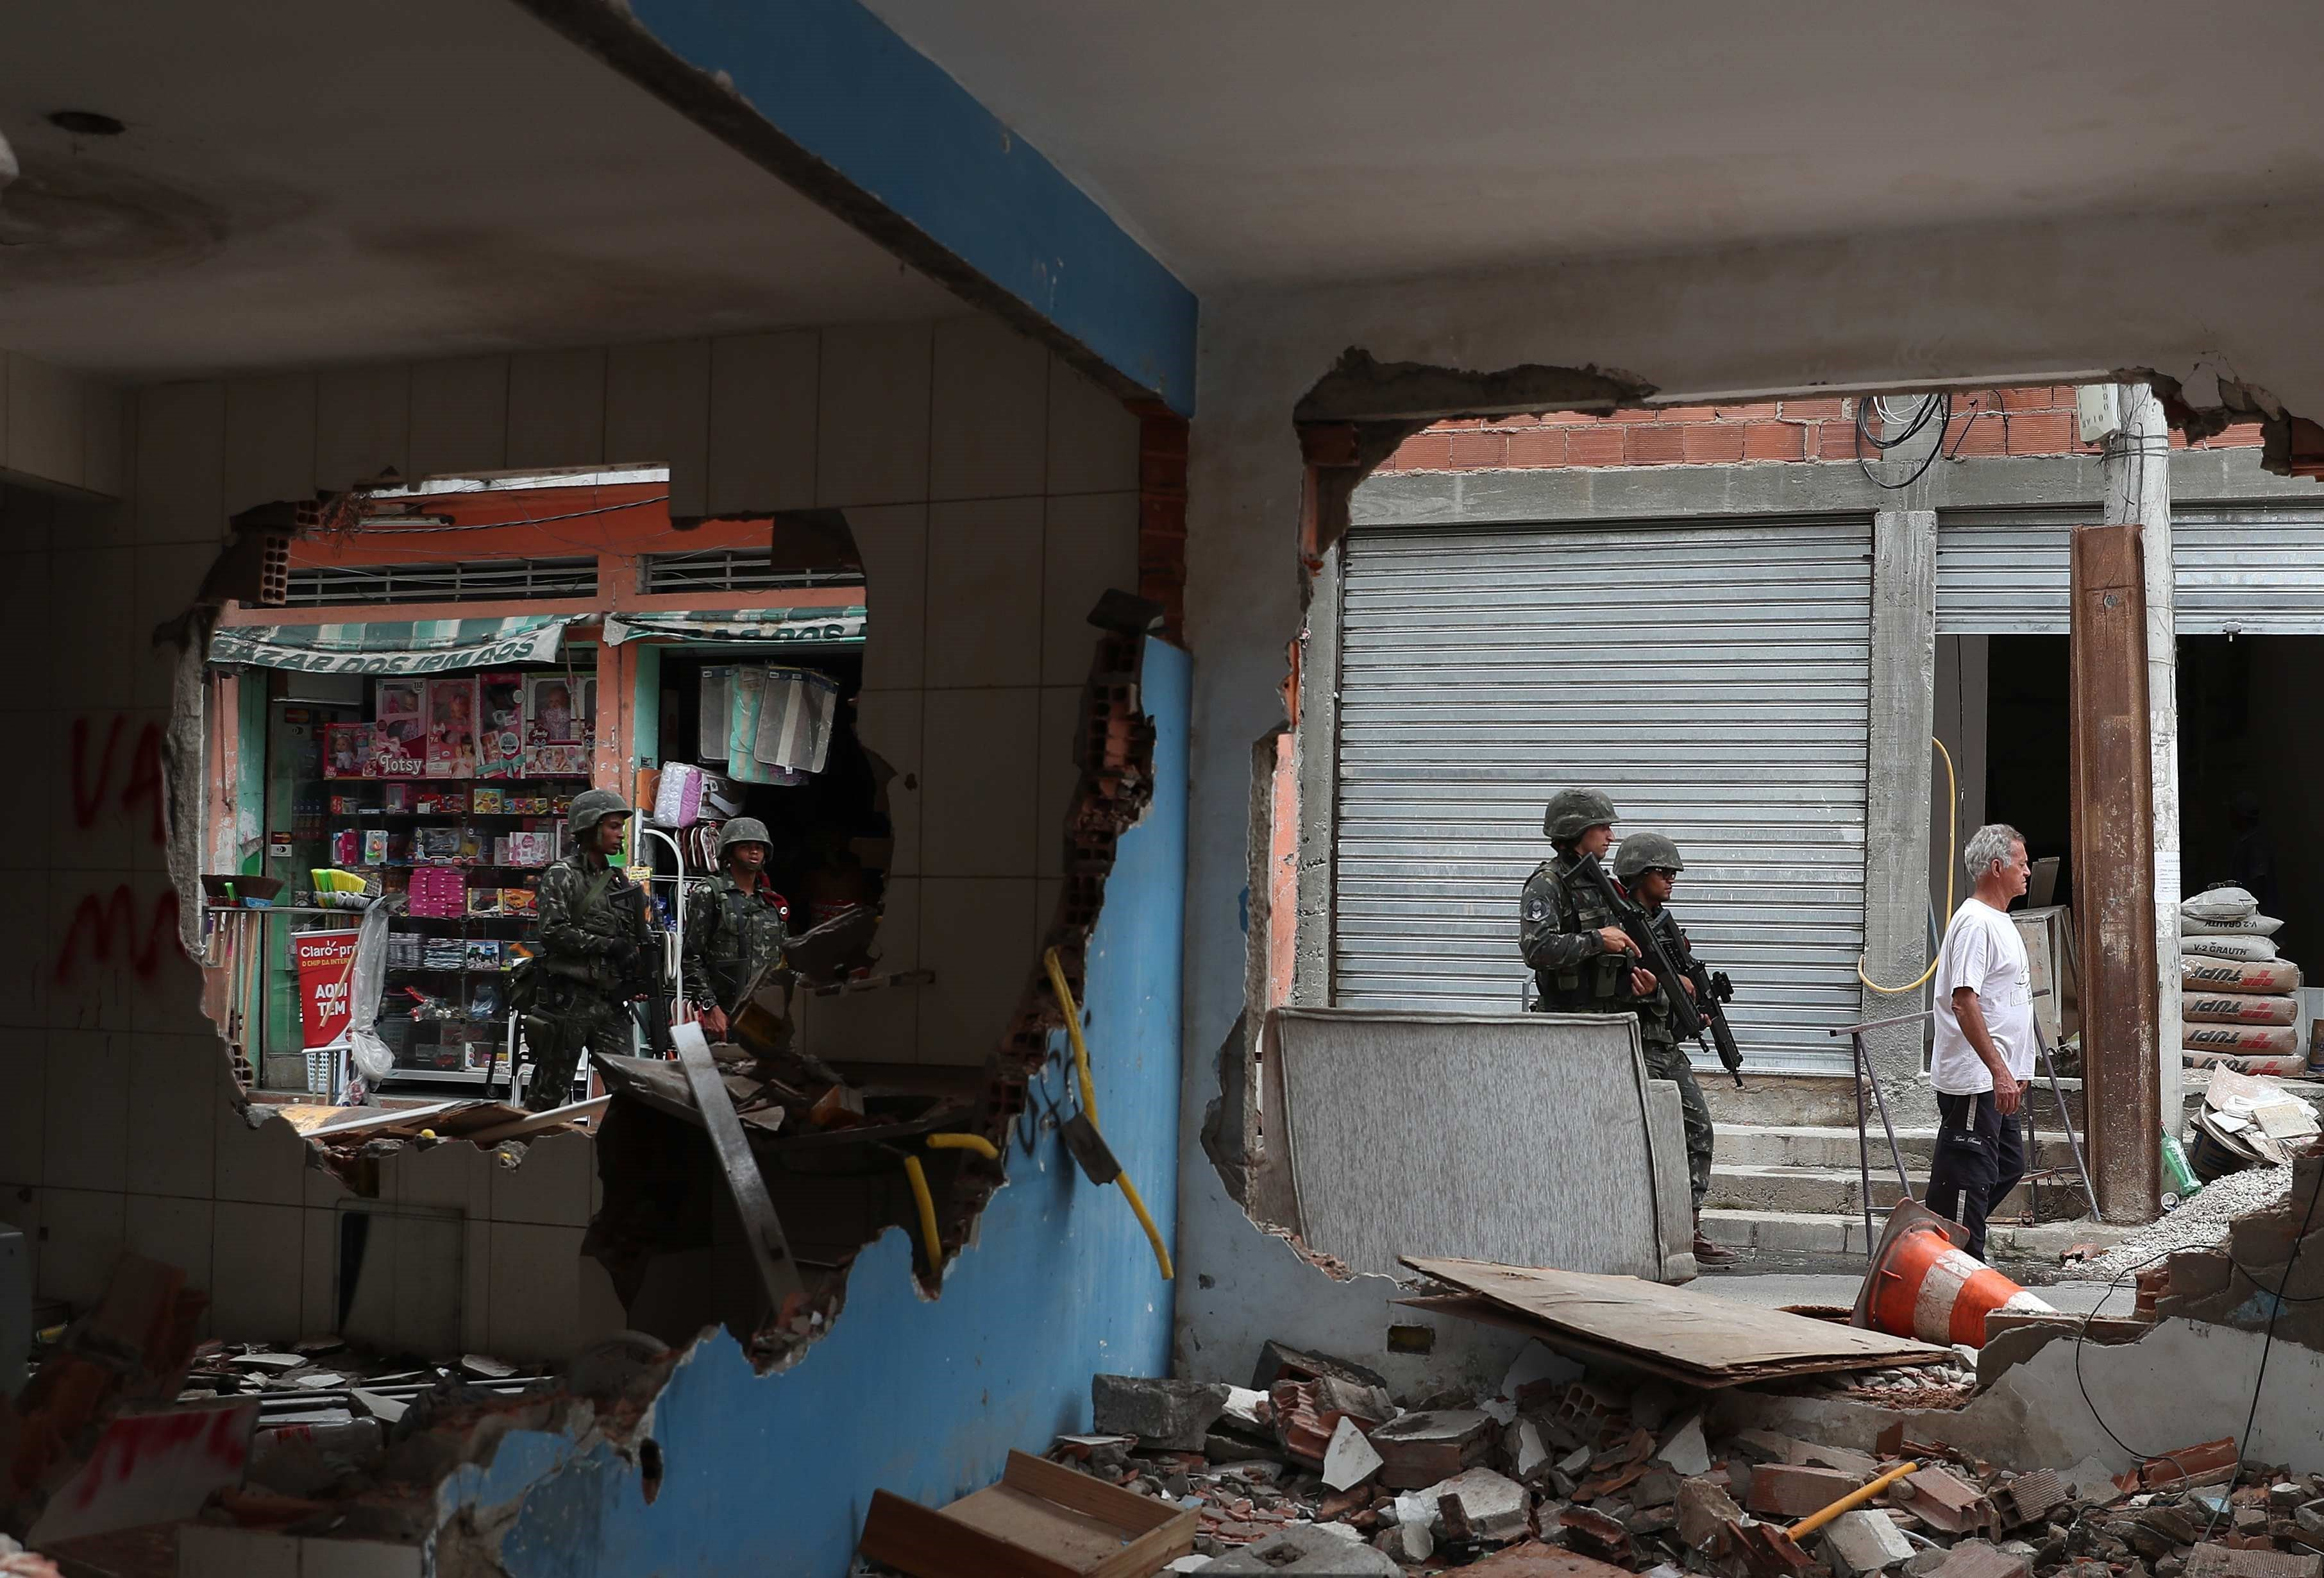 Soldats de l'Exèrcit de Brasil patrullen davant la seu de la UPP (Unitat de Policia Pacificadora), que va ser destruïda per narcotraficants en la favela Ilha do Governado, a Rio de Janeiro (Brasil). /MARCELO SAYAO